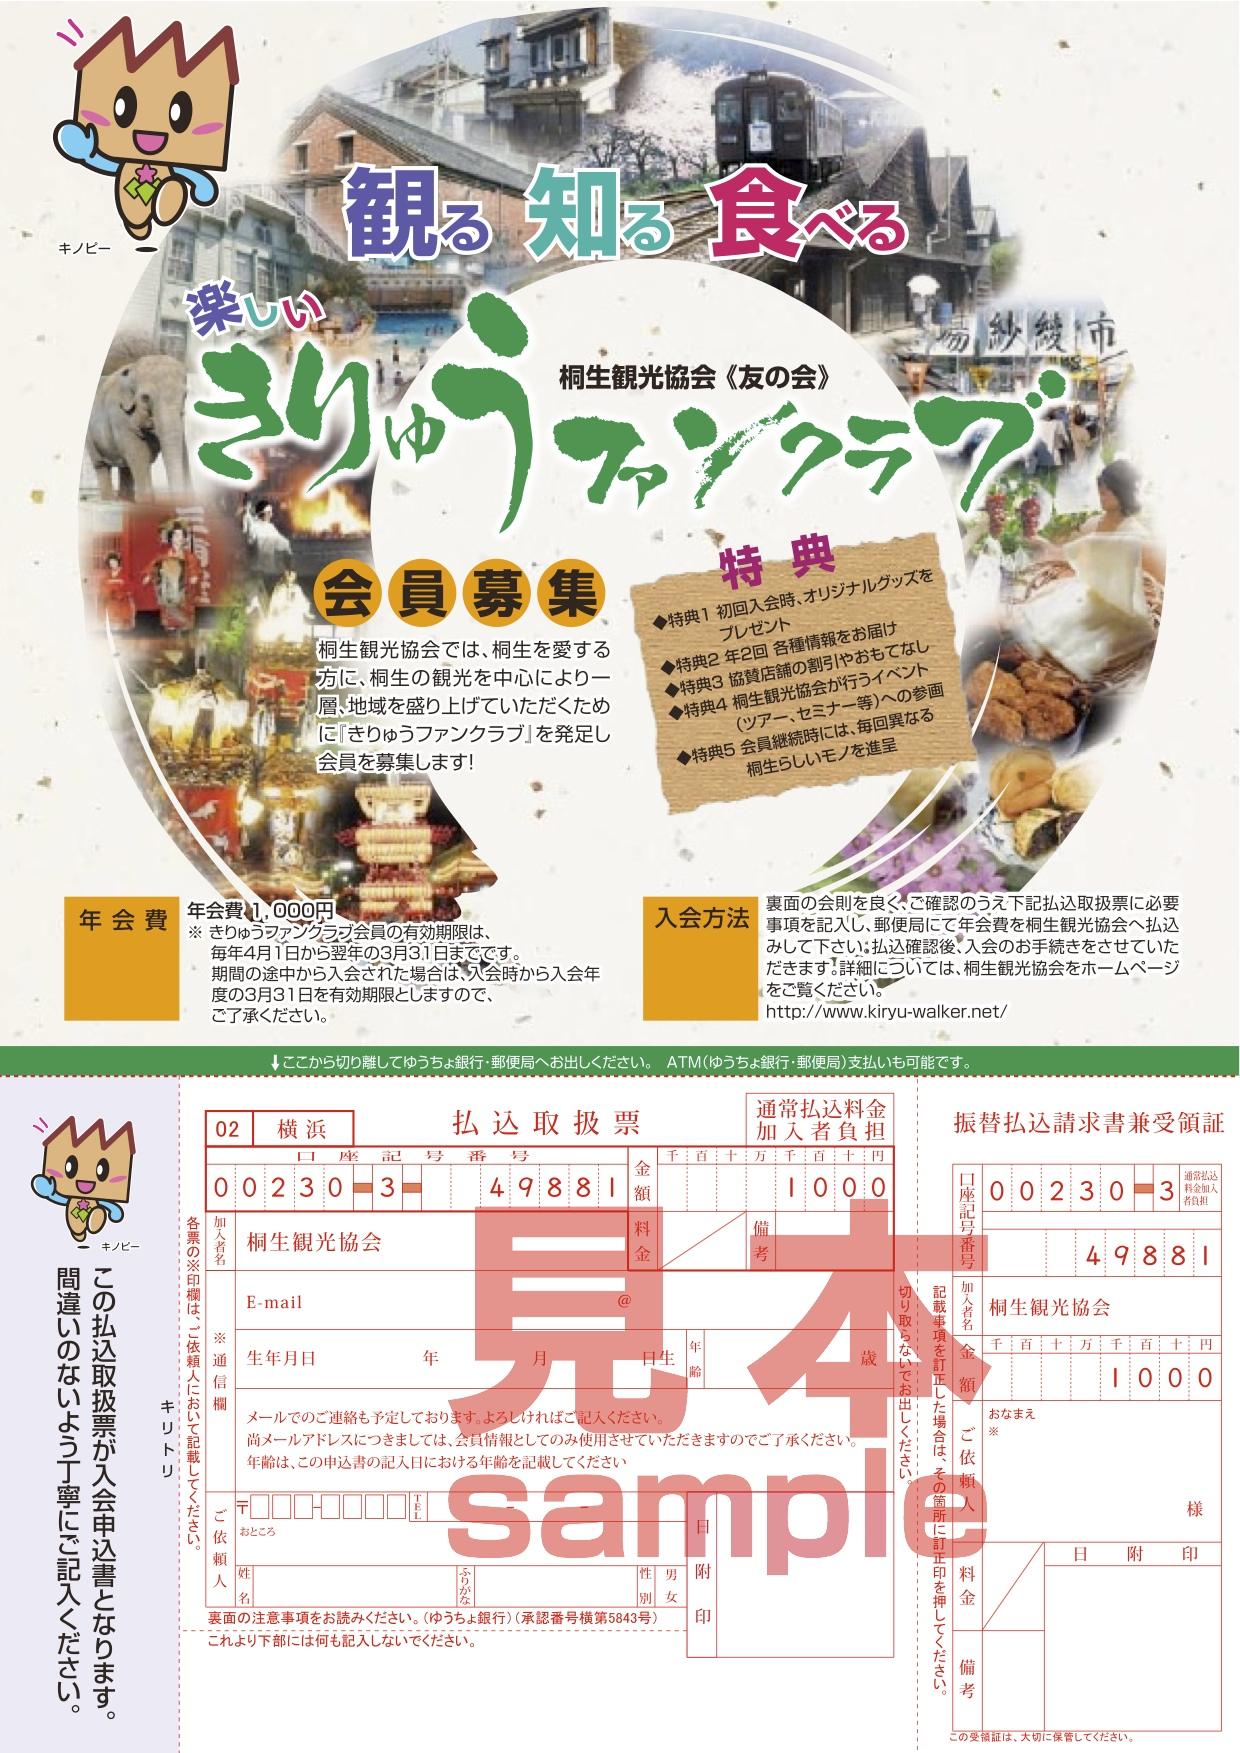 きりゅうファンクラブ(群馬県桐生市)